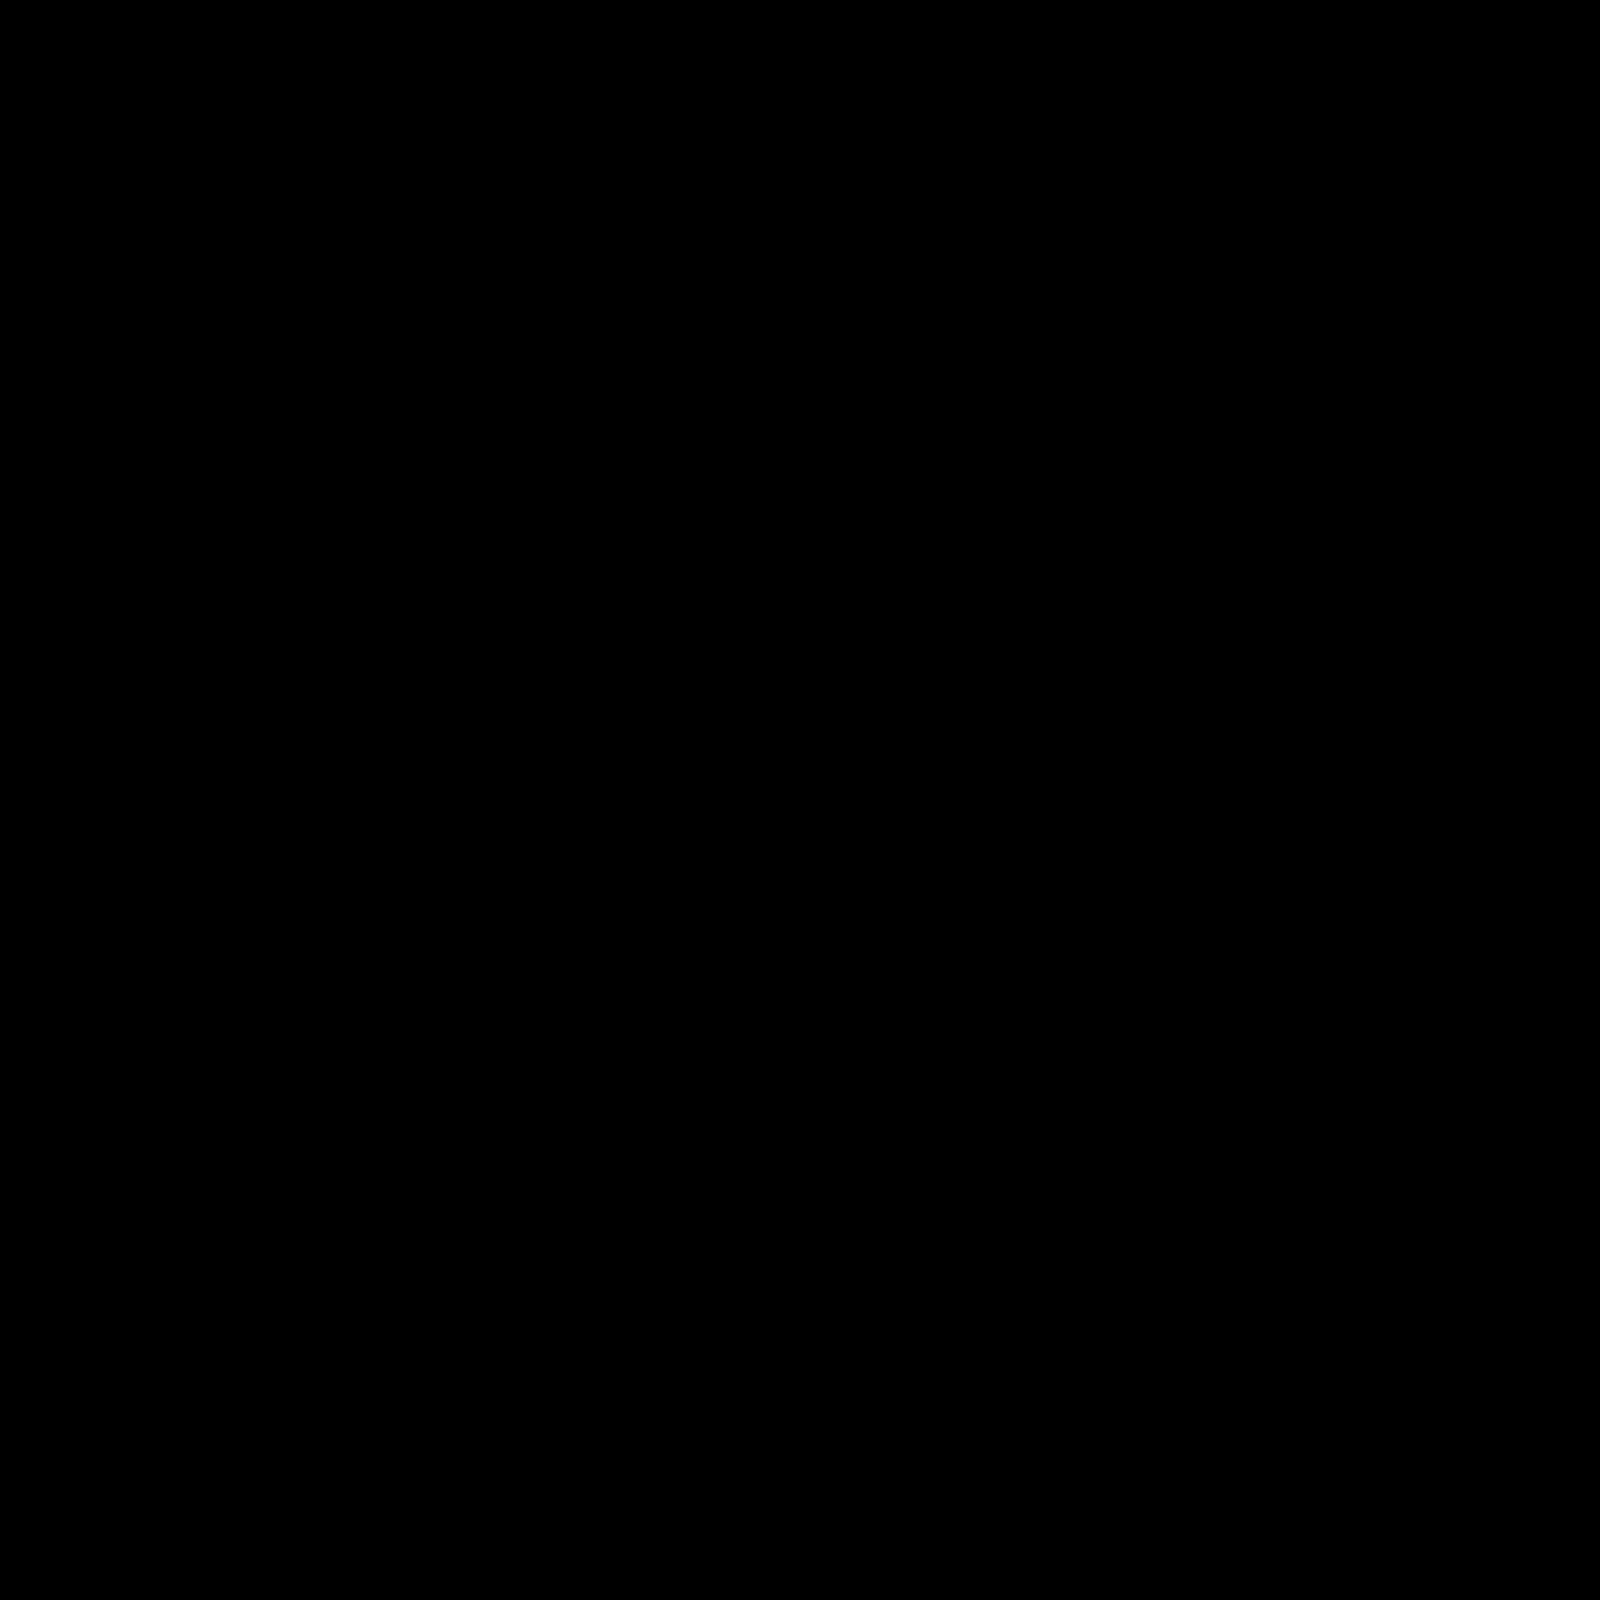 1600x1600 Wacom Tablet Icono